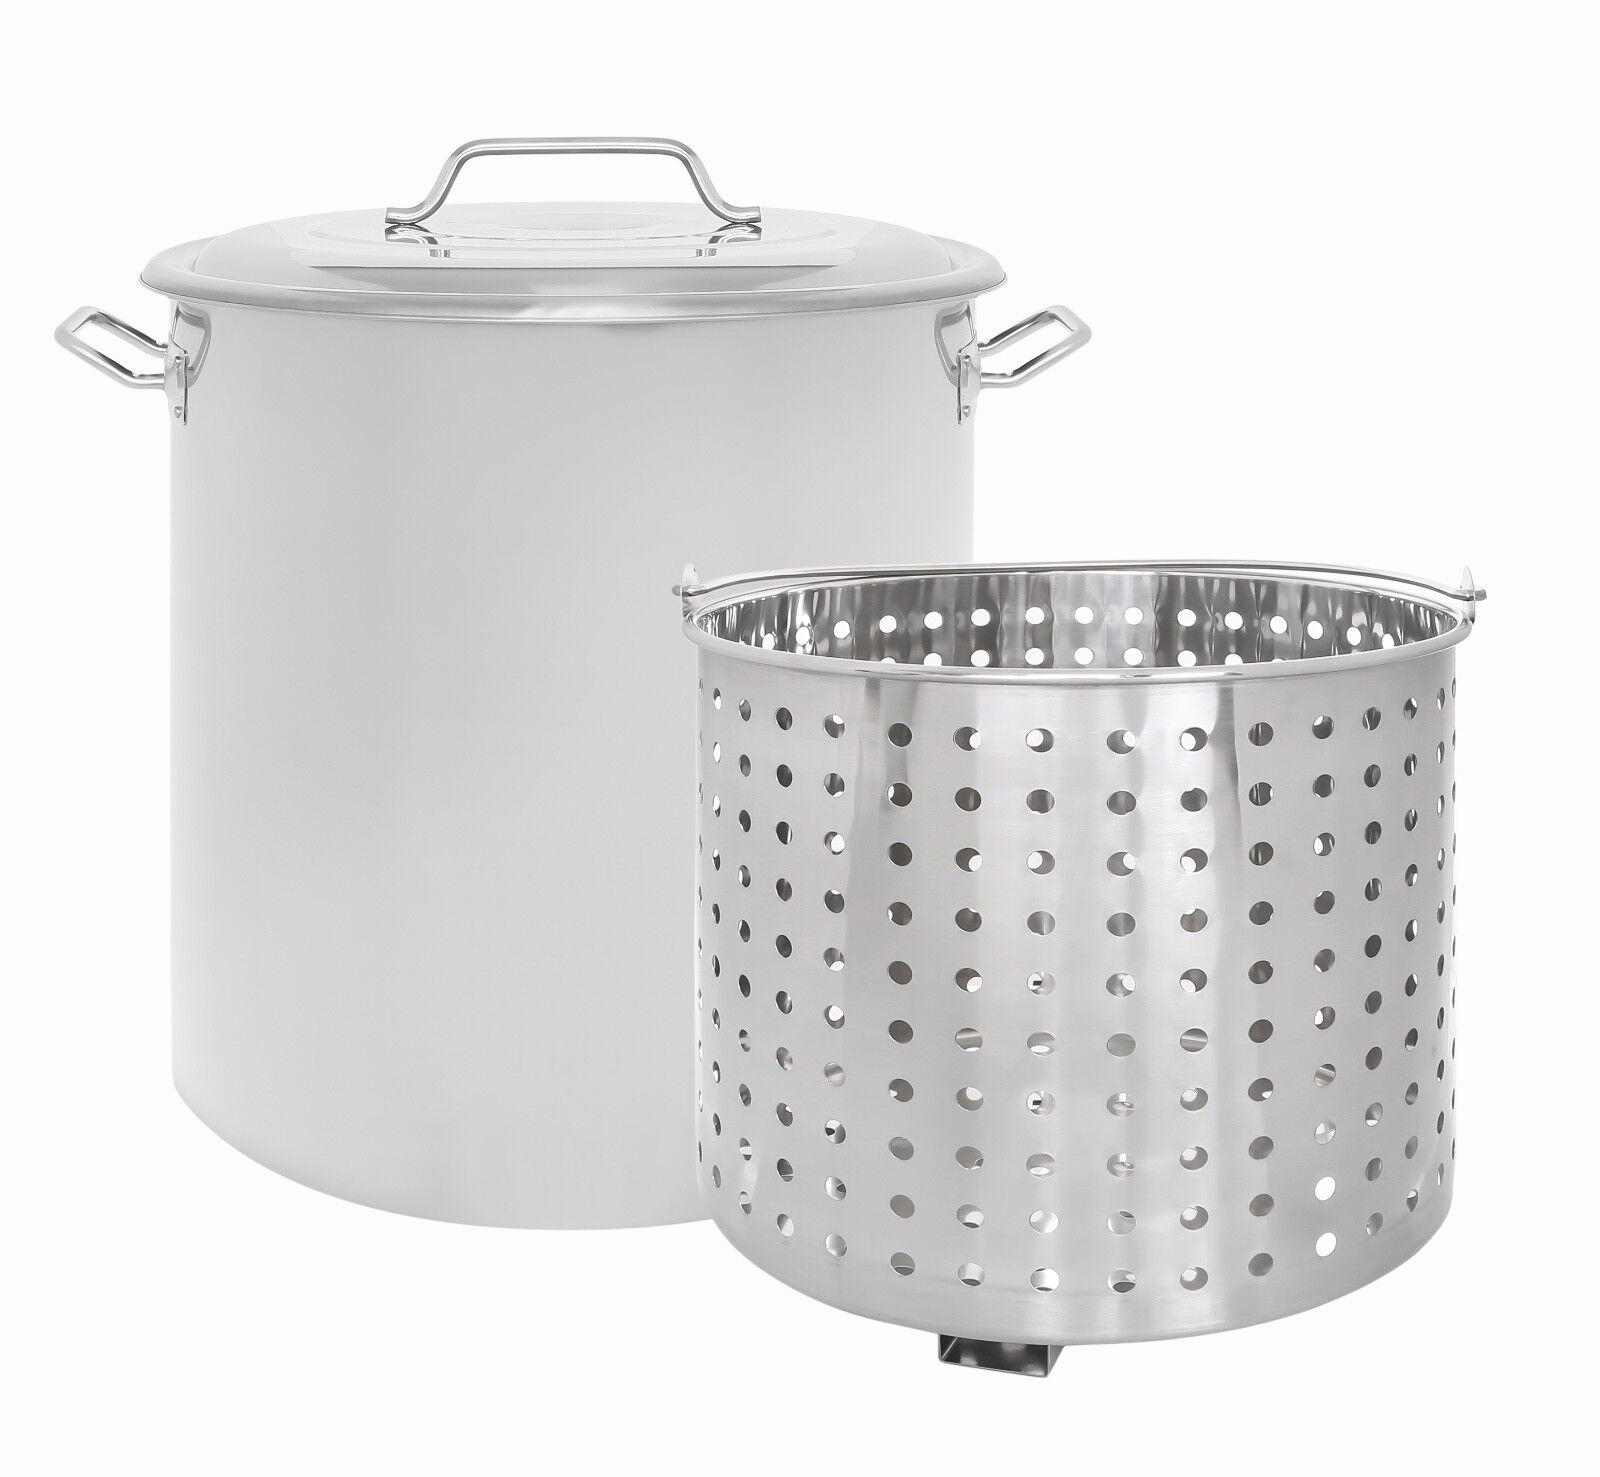 CONCORD Faitout en acier inoxydable avec panier vapeur bouillante Vaporisage Cookware